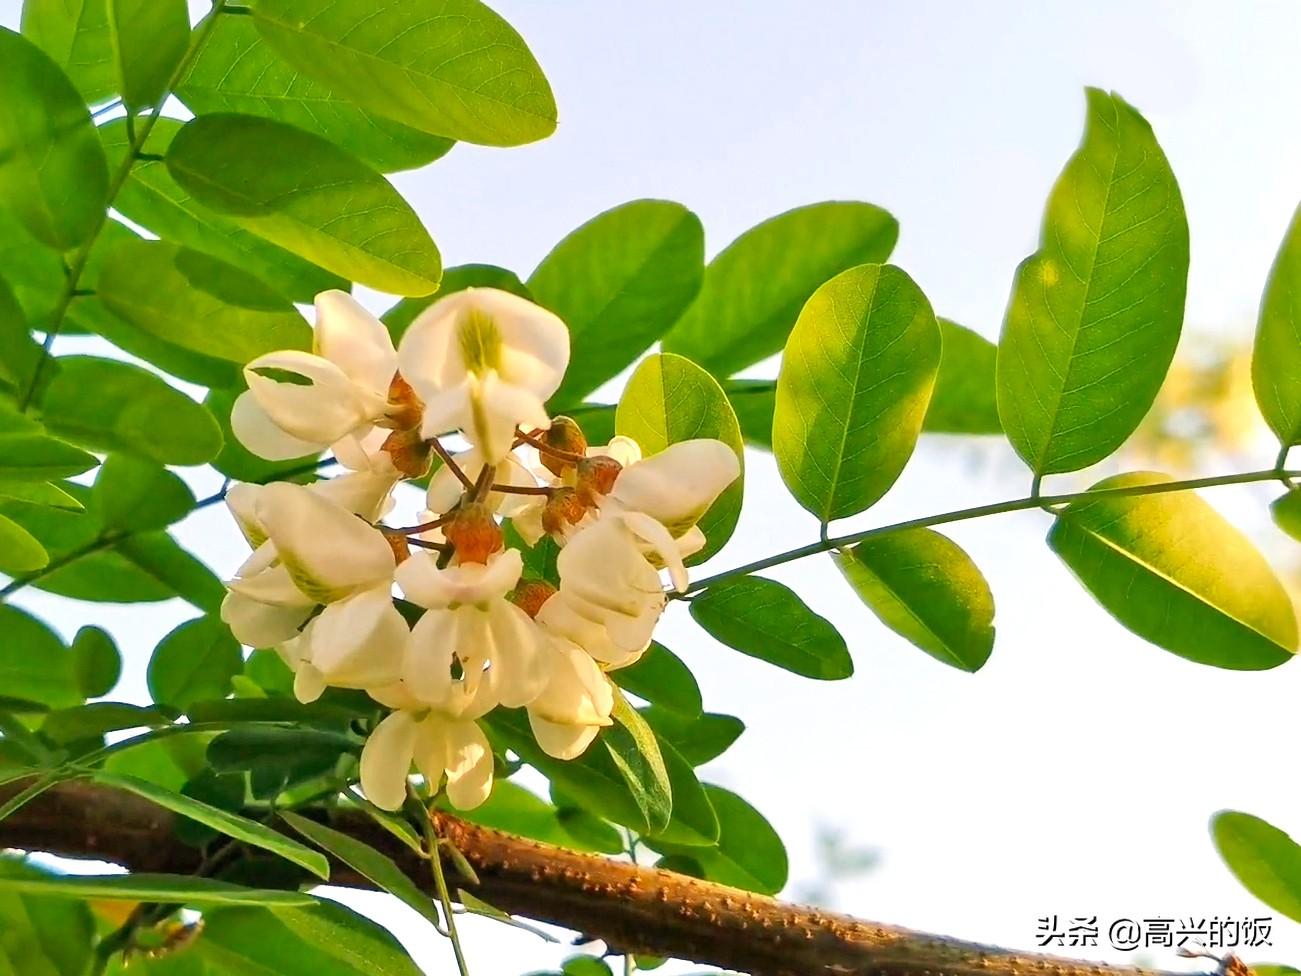 """4月是""""吃花""""的季节,味道清香甘甜,季节性强,早吃早尝鲜 美食做法 第3张"""